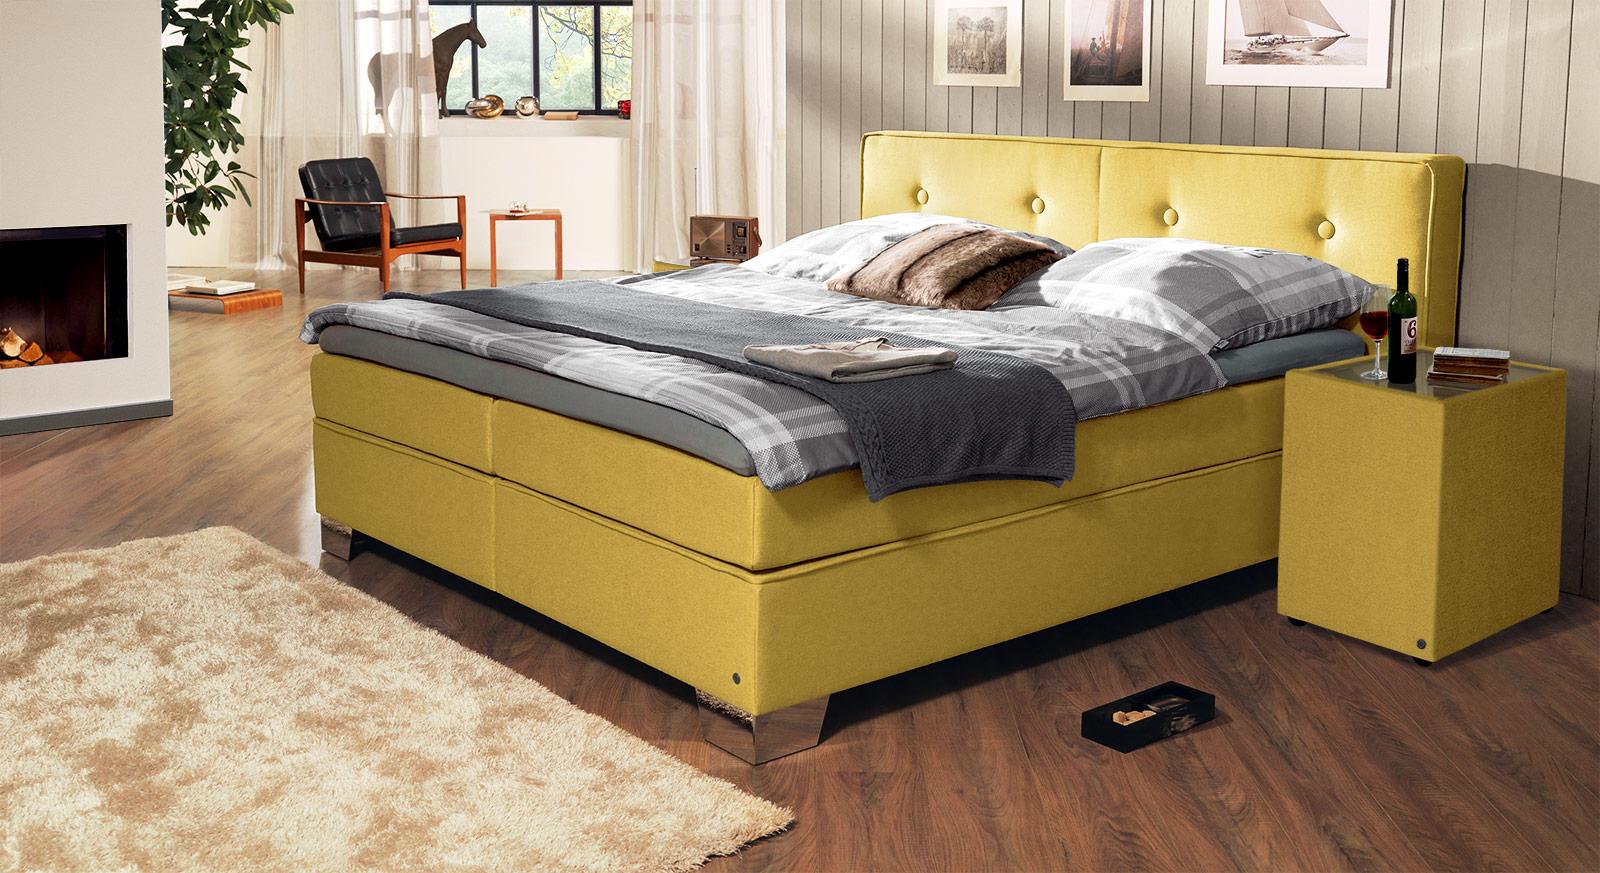 Was Für Farben Wähle Ich Im Schlafzimmer - Farben im schlafzimmer